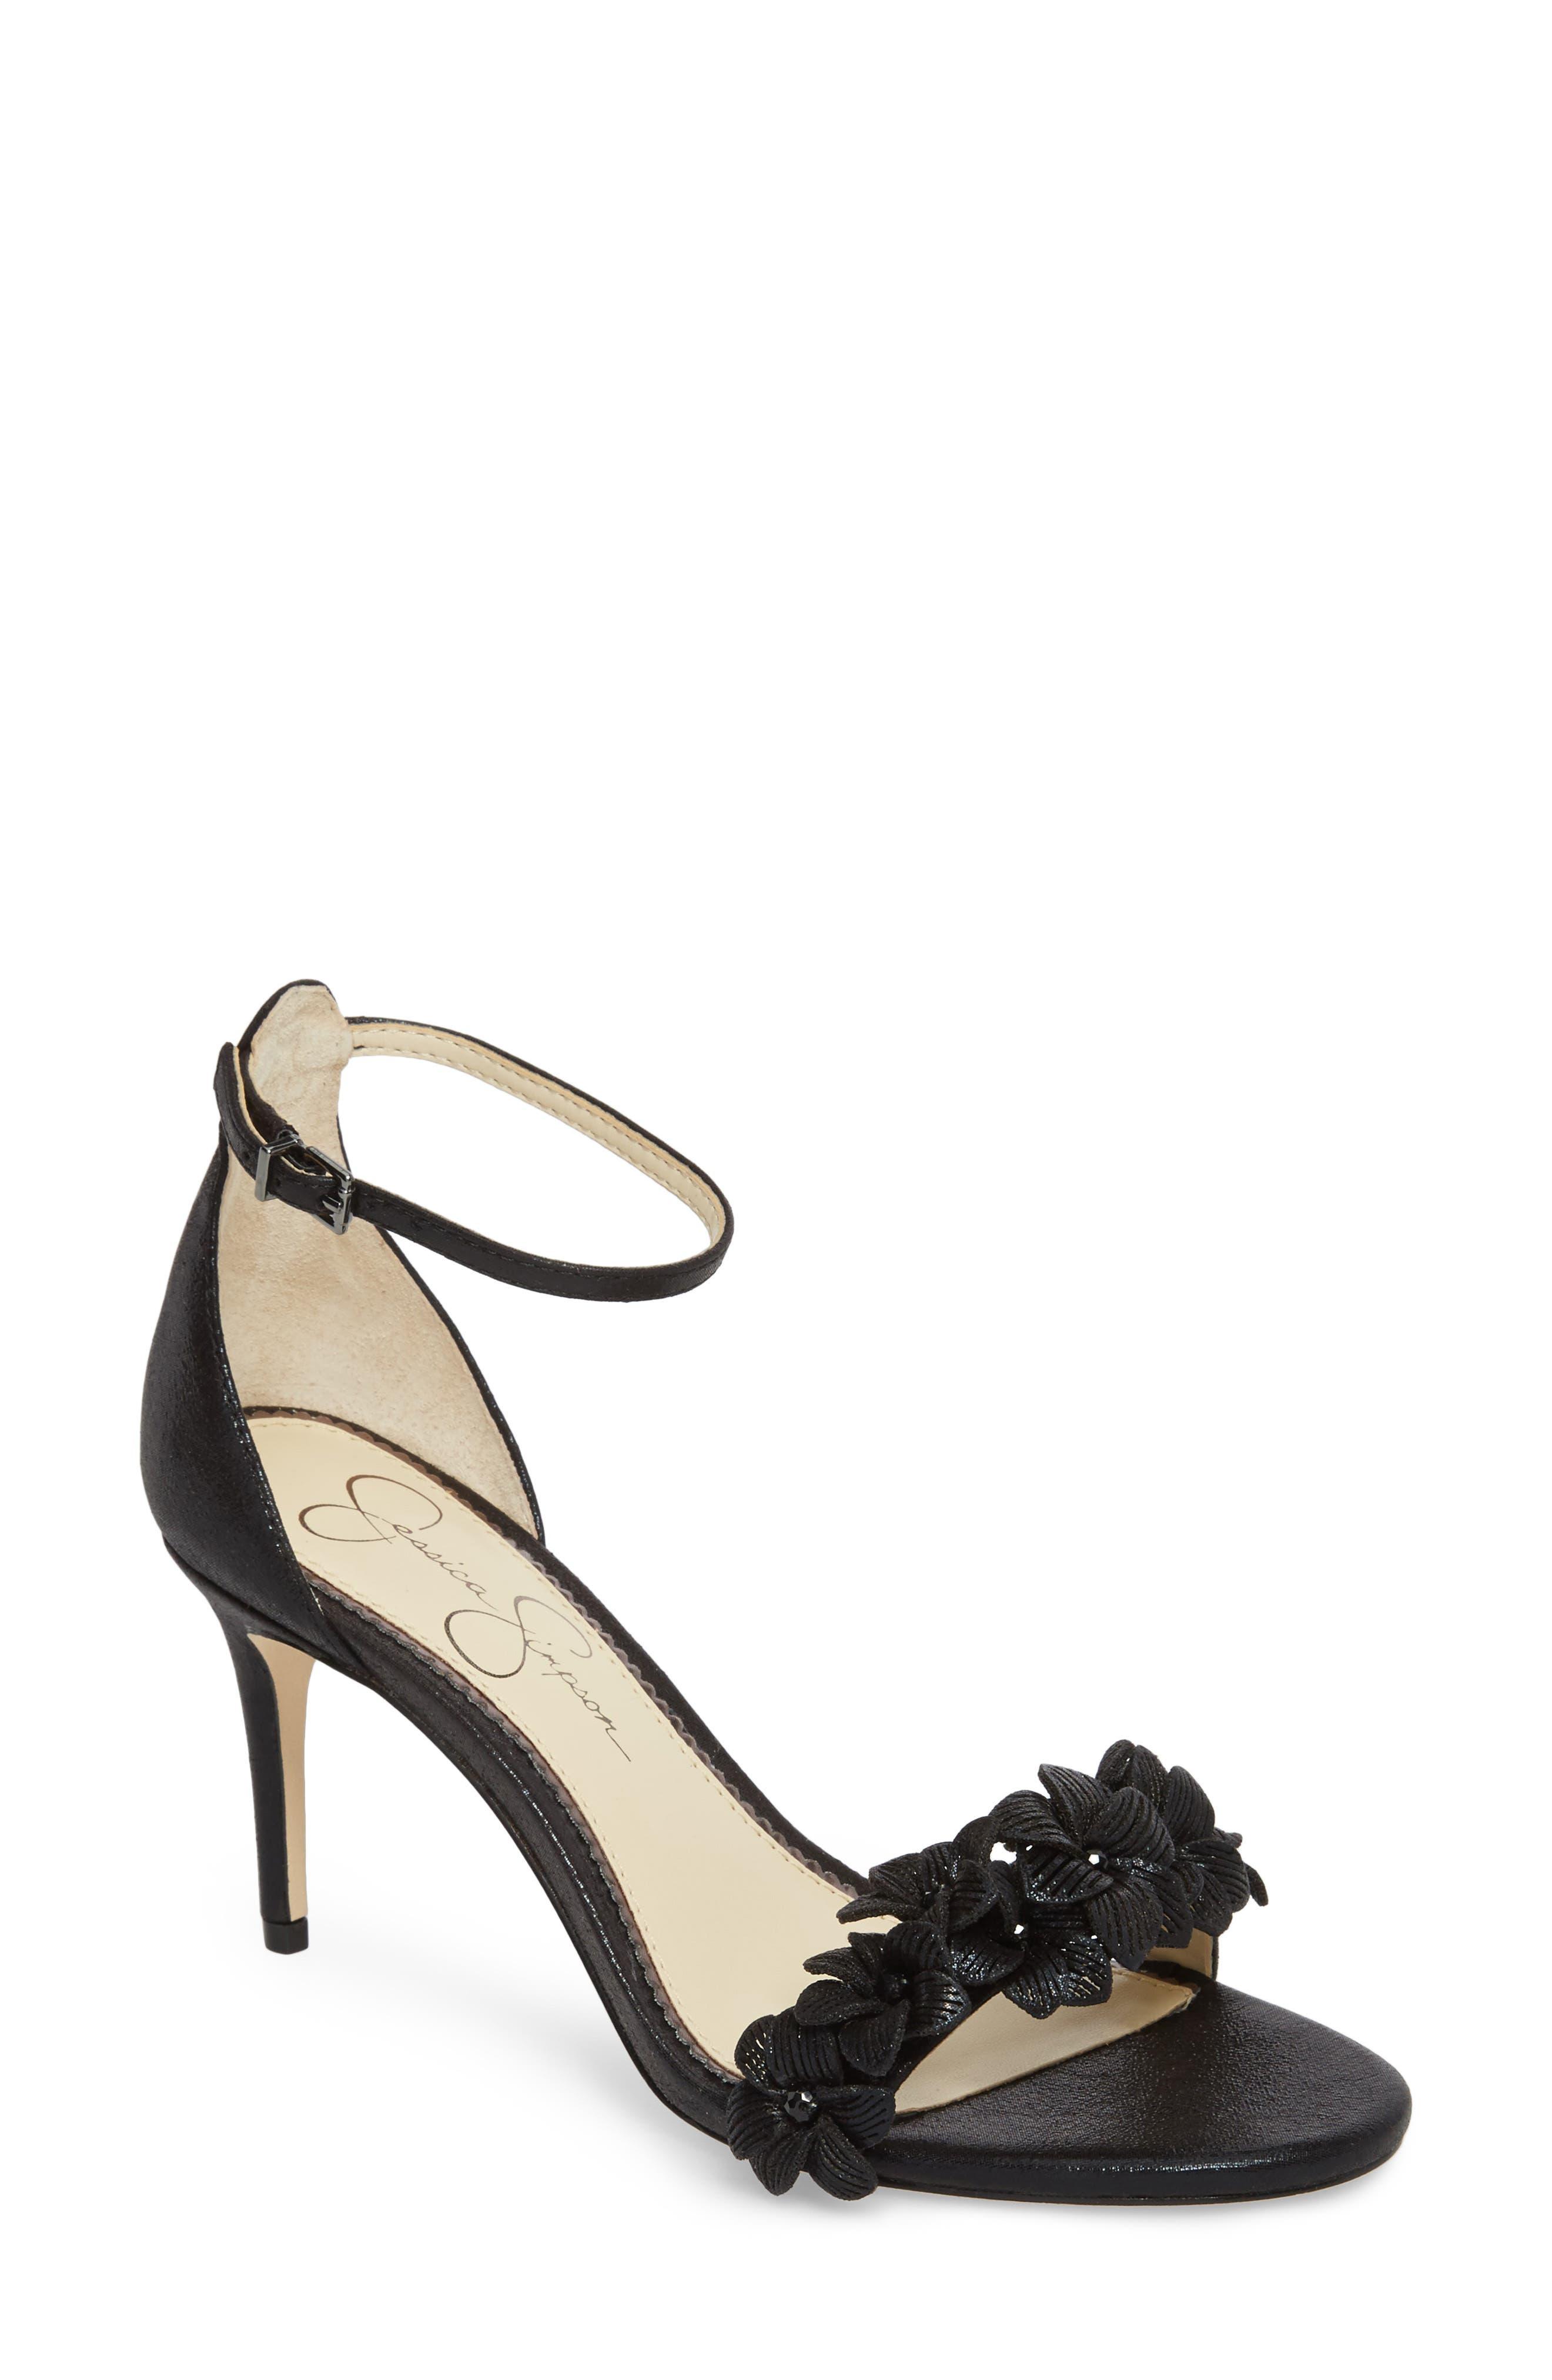 Pouline Sandal,                             Main thumbnail 1, color,                             Black Fabric